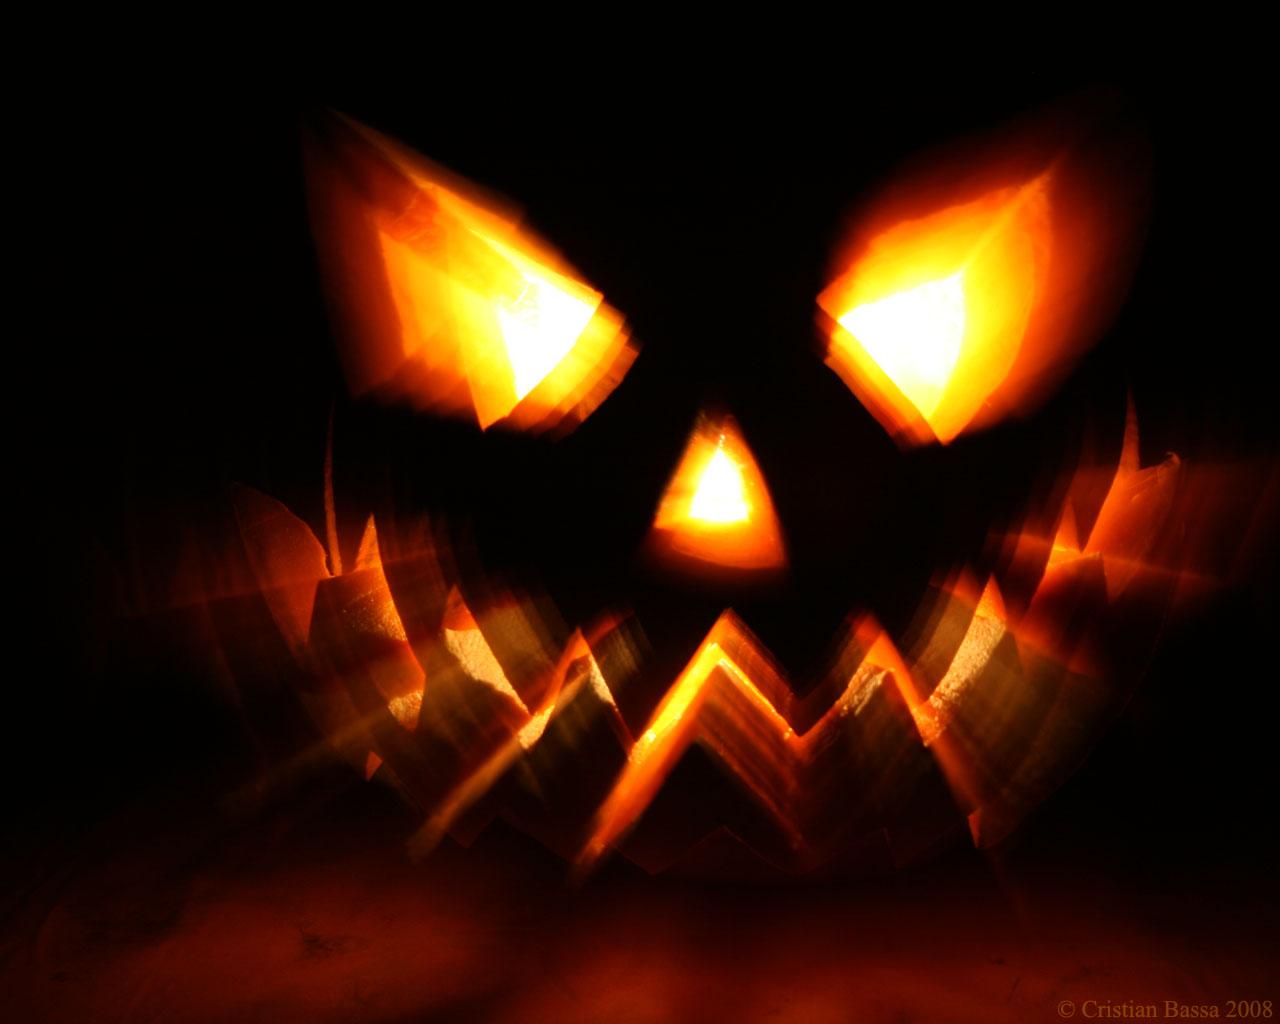 Zucca Di Halloween Paurose.Halloween 5 Libri Da Leggere Nella Notte Della Paura